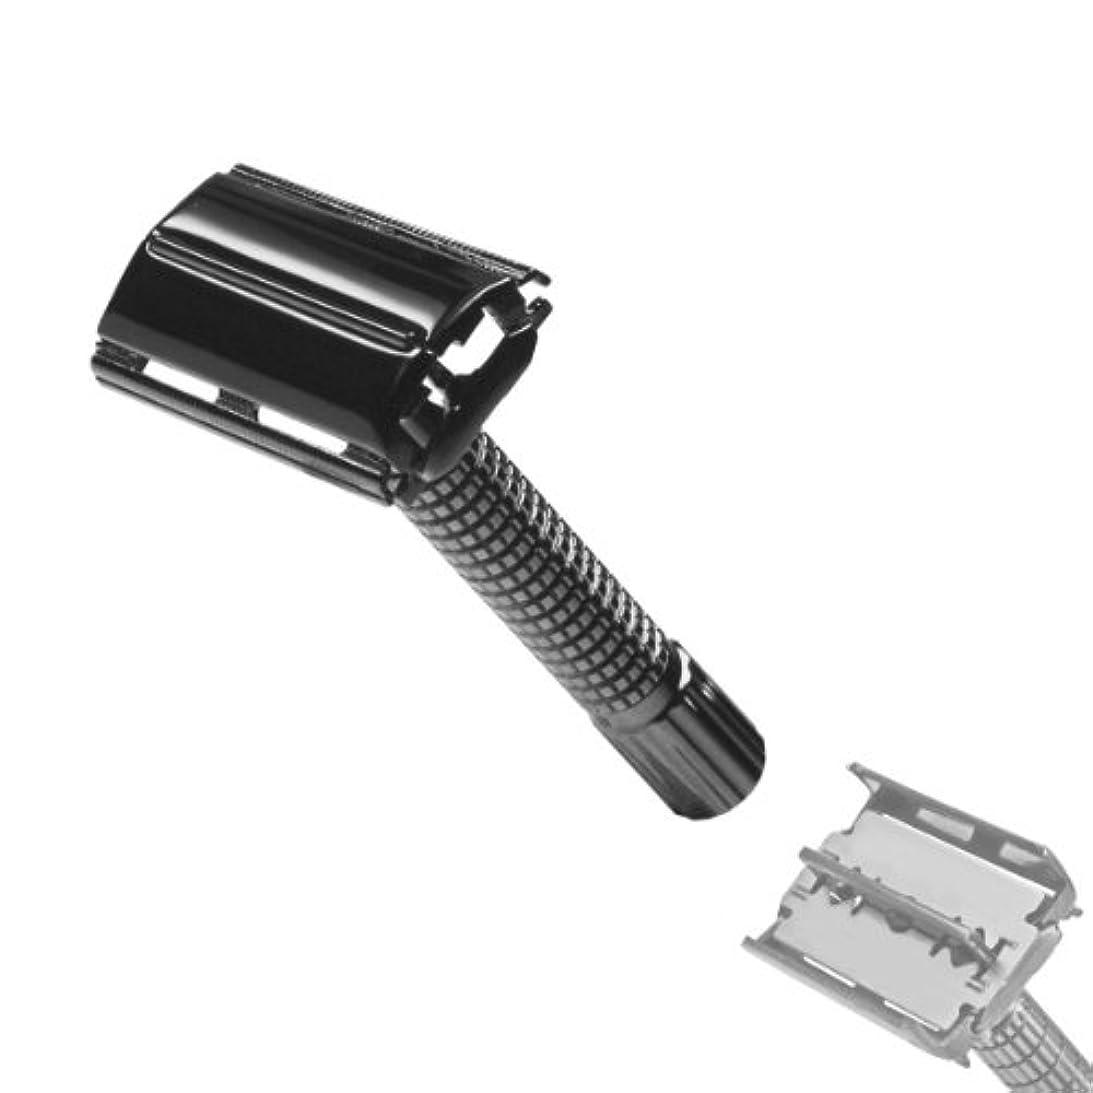 保護するコンサルタント立ち向かうRAZOLUTION TwinTop Safety razor, Butterfly system, black chrome, 8 cm